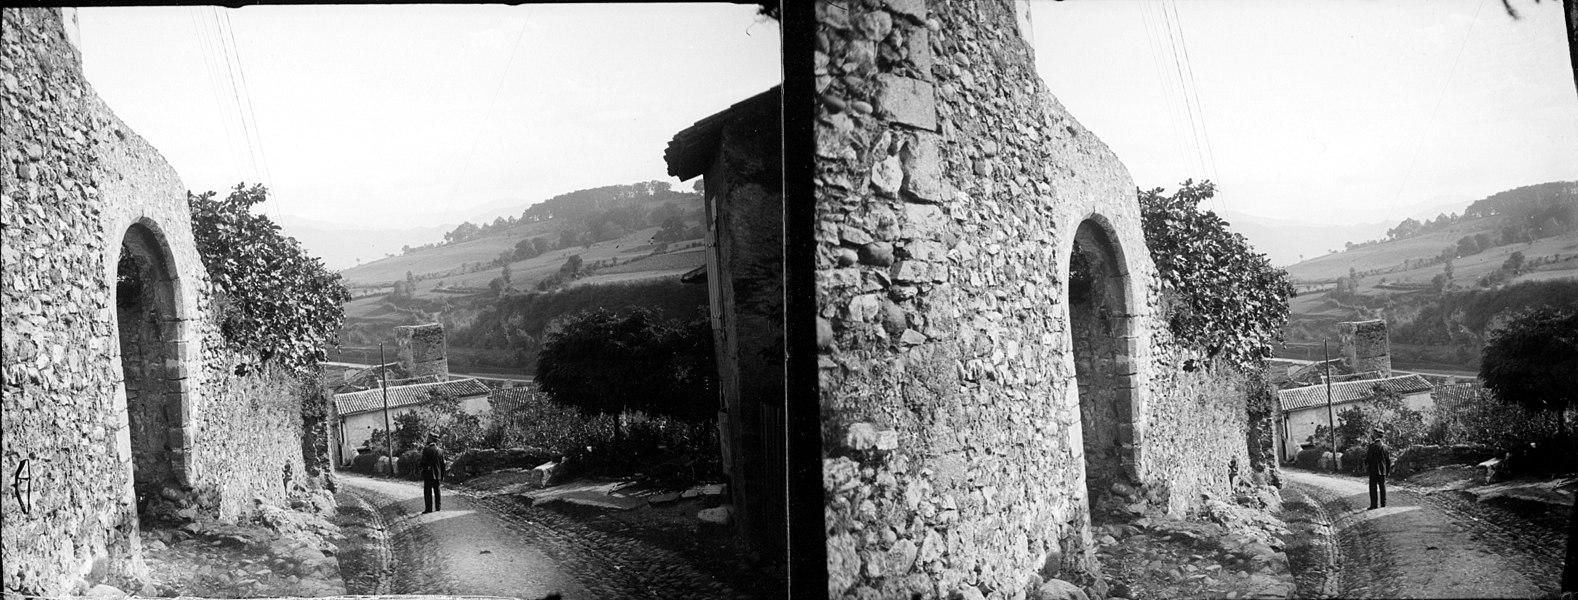 Fonds Trutat - Photographie ancienne  Cote: TRU C 458 Localisation: Fonds ancien Original non communicable  Titre: Saint-Lysier (Ariège), porte, septembre 1905  Auteur: Trutat, Eugène Rôle de l'auteur: Photographe  Lieu de création: Saint-Lizier (Ariège) Date de création:  1905  Mesures: 11 x 5 cm  Mot(s)-clé(s):  -- Village -- Rue -- Mur -- Pierre -- Porte -- Arcade -- Maison -- Homme -- Végétation -- Lierre  -- Saint-Lizier (Ariège) -- Salat (France; vallée) -- Couserans (Ariège)  -- 20e siècle, 1e quart  Médium: Photographies Médium: Positifs sur plaque de verre -- Noir et blanc -- Stéréogrammes -- Paysages urbains   Bibliothèque de Toulouse. Domaine public